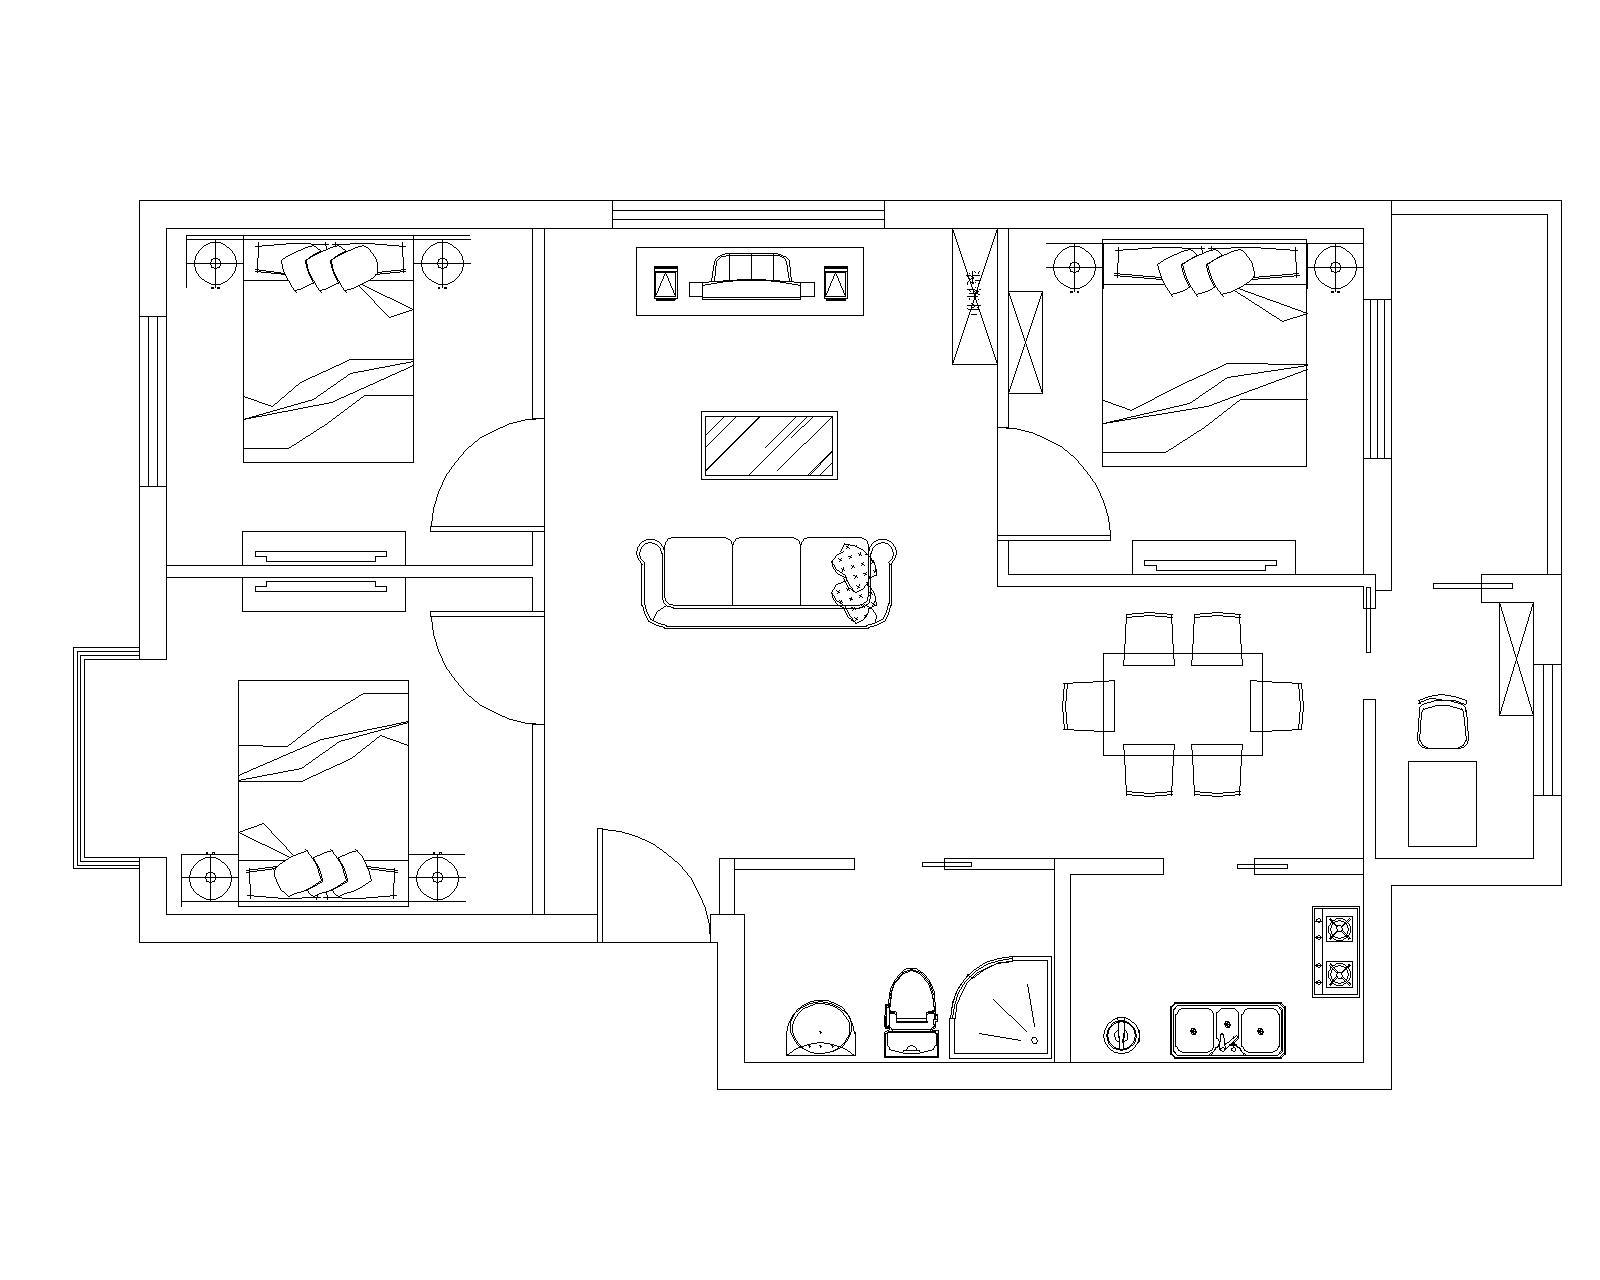 室内平面图[51自学网园地]